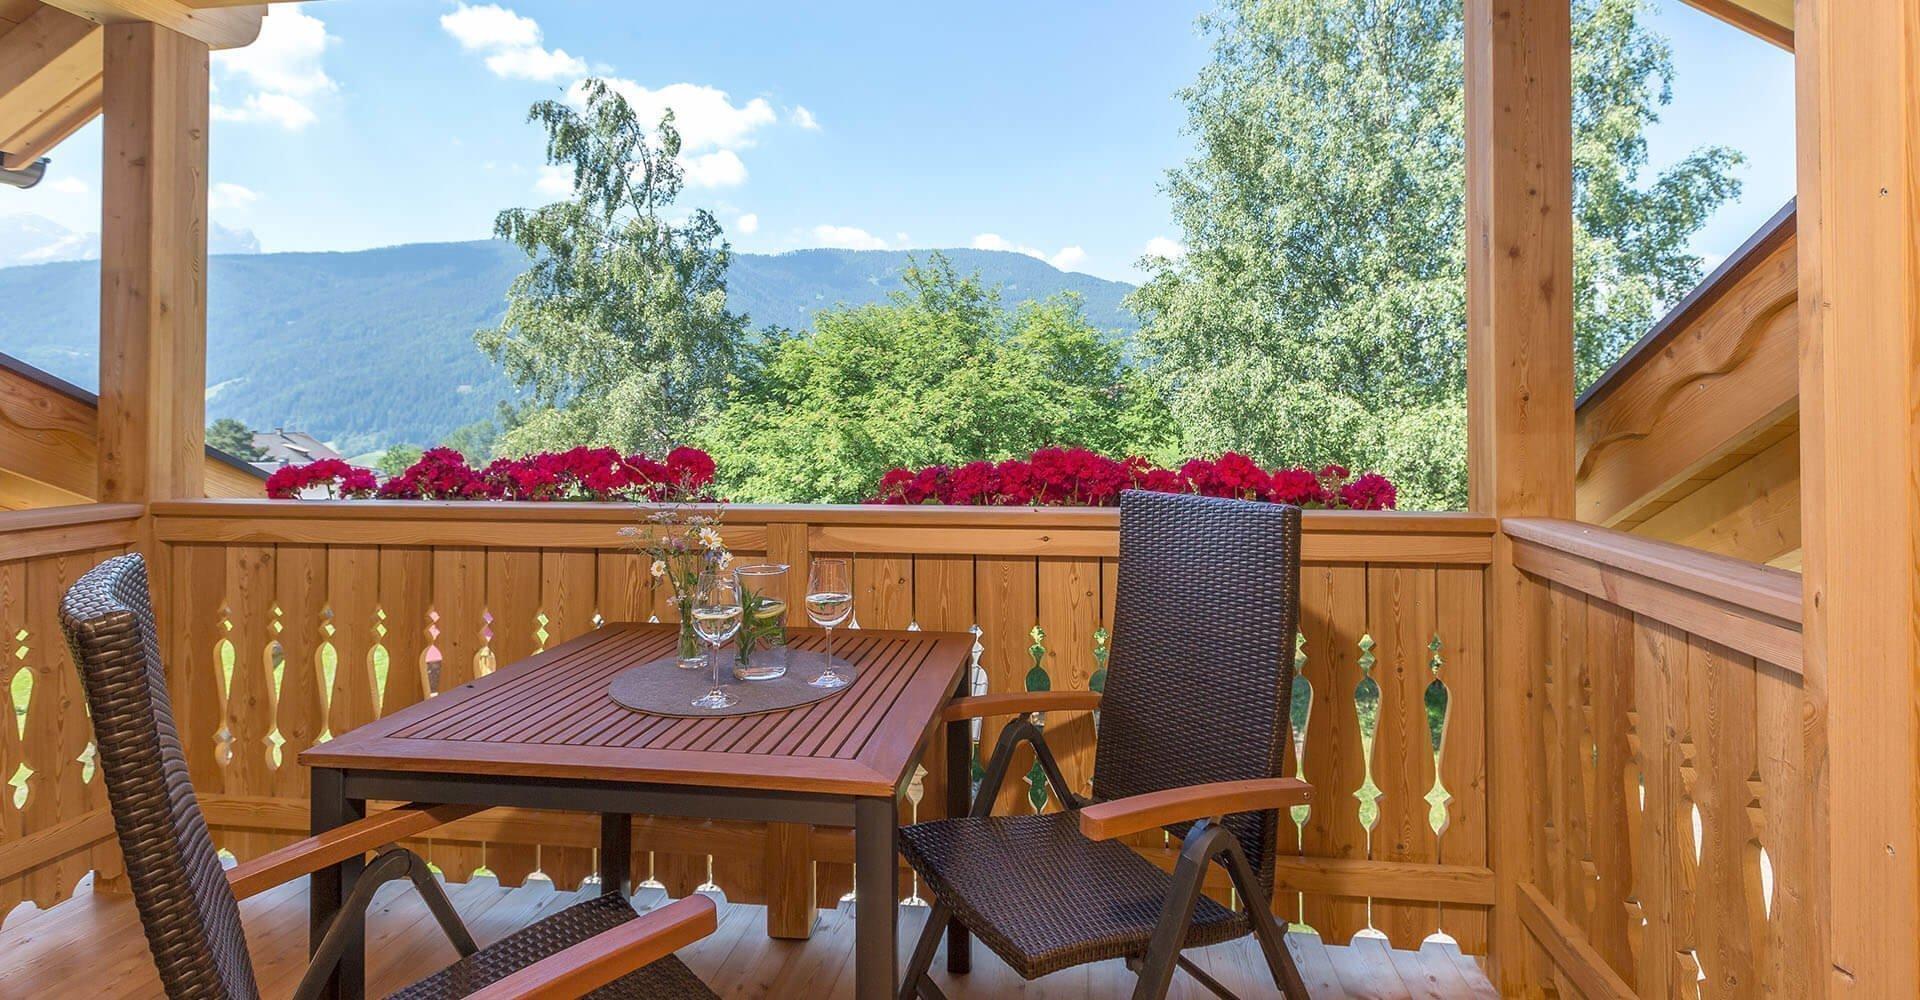 Ferienwohnung in Taisten Welsberg